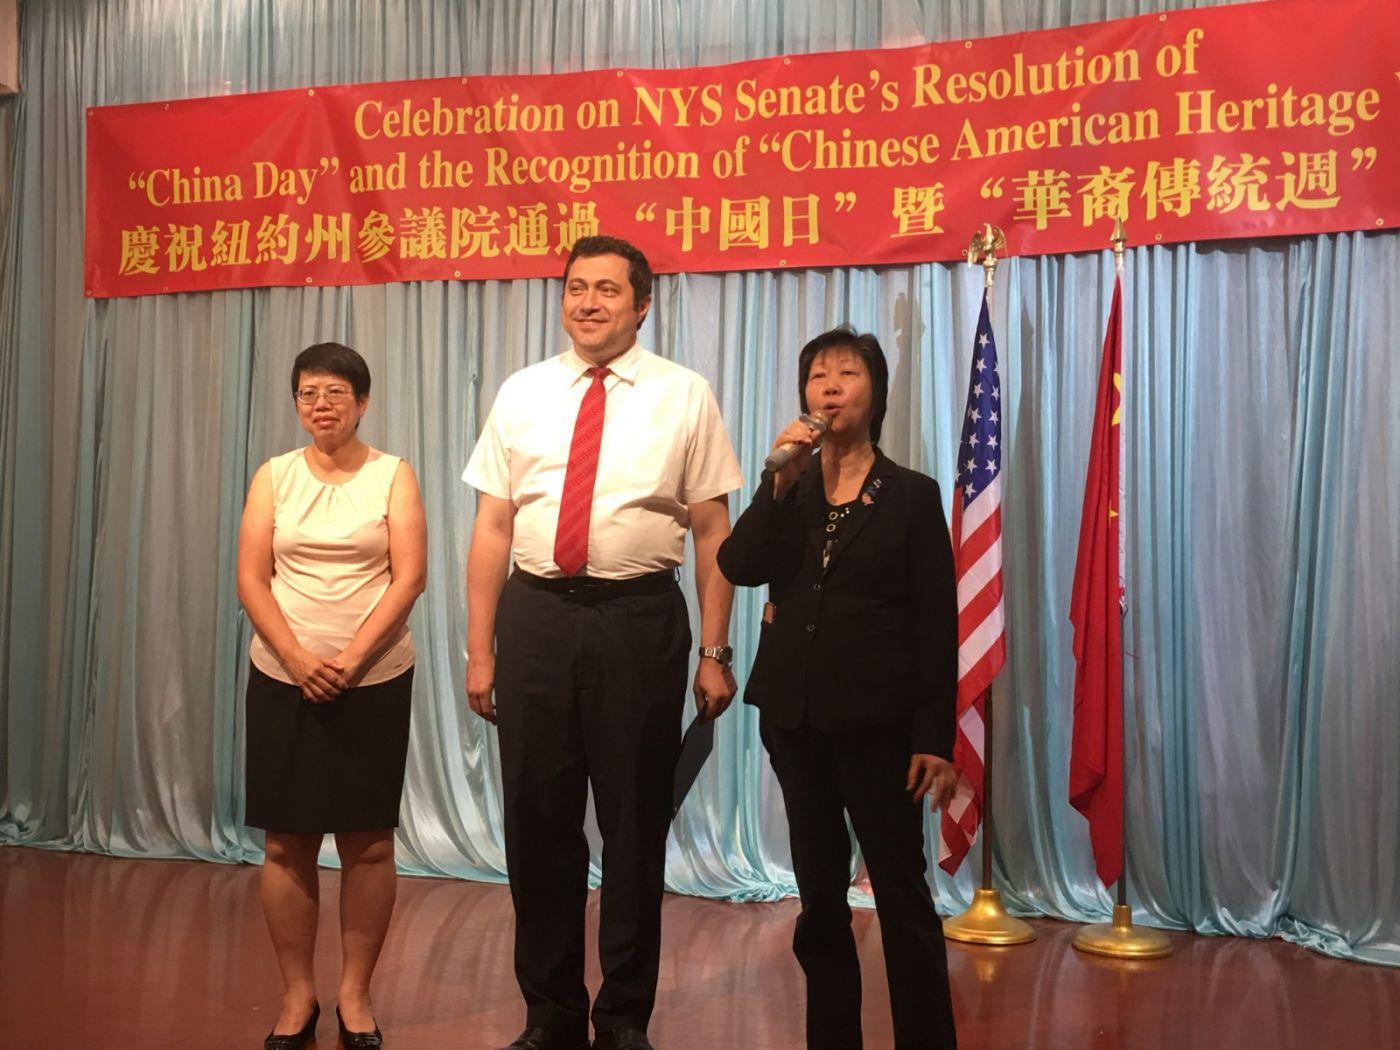 紐約州參議院通過「中國日」決議案慶祝会在紐約舉行_图1-28